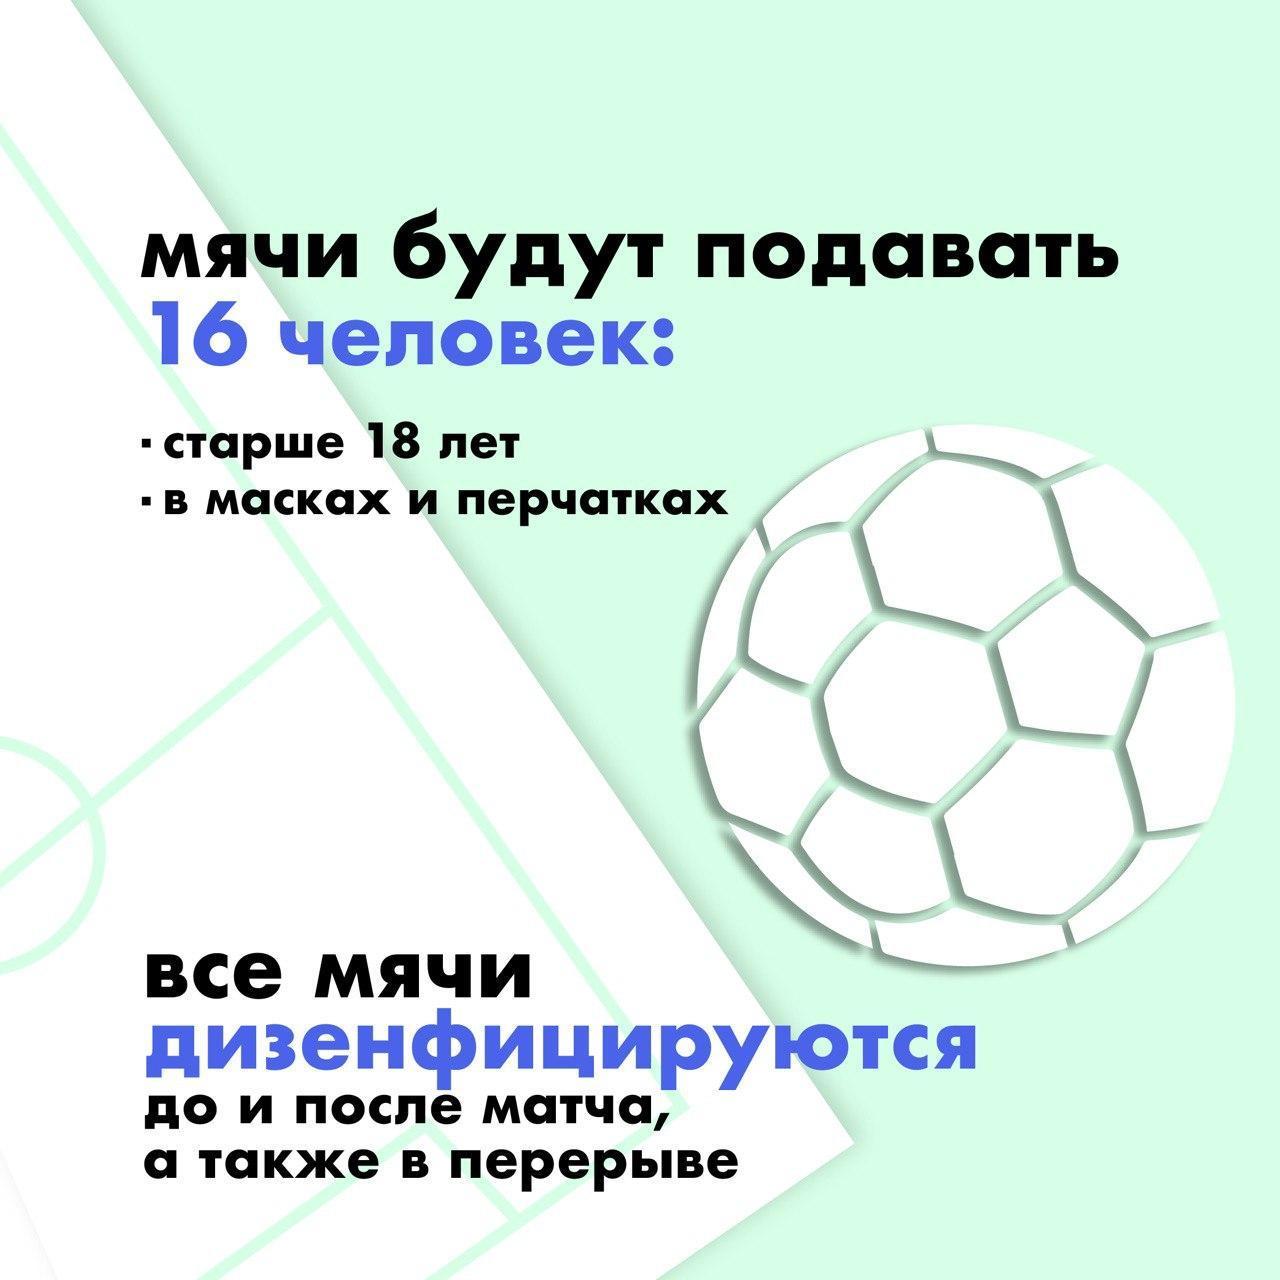 фото Паспорт, маски и перчатки: ФК «Новосибирск» ищет совершеннолетних подавальщиков мячей 4